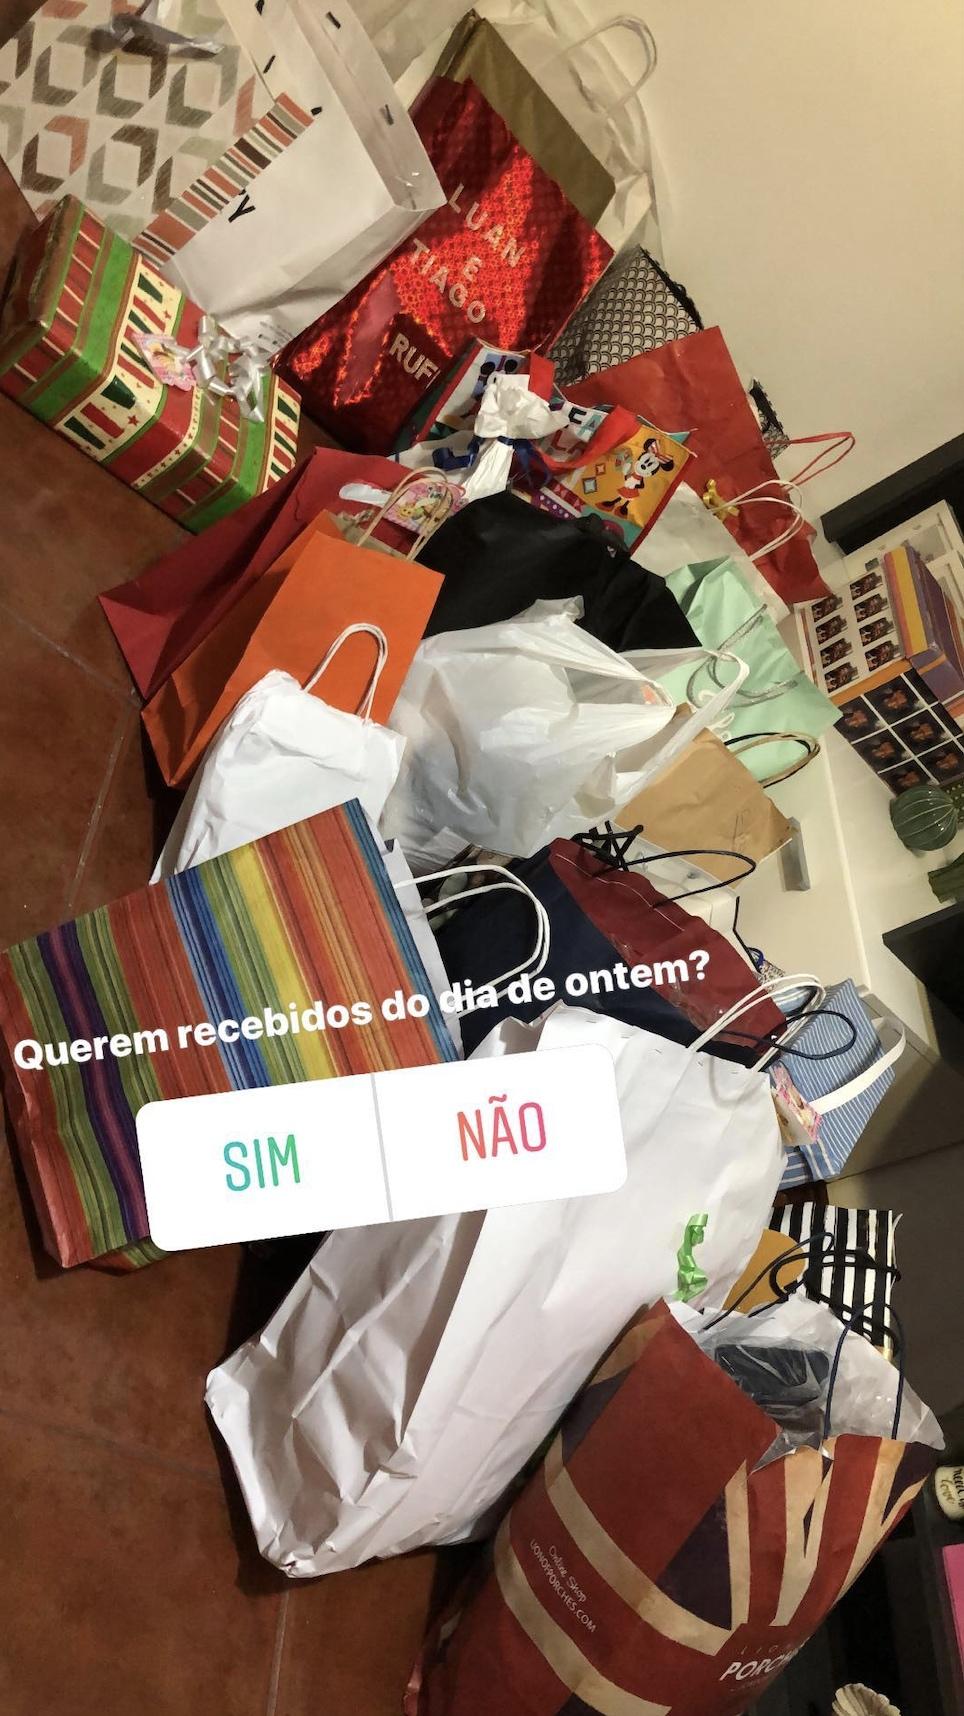 Tiago Luan Prendas Tiago E Luan Saem Do Almoço De Fãs Com Quantidade Exorbitante De Presentes